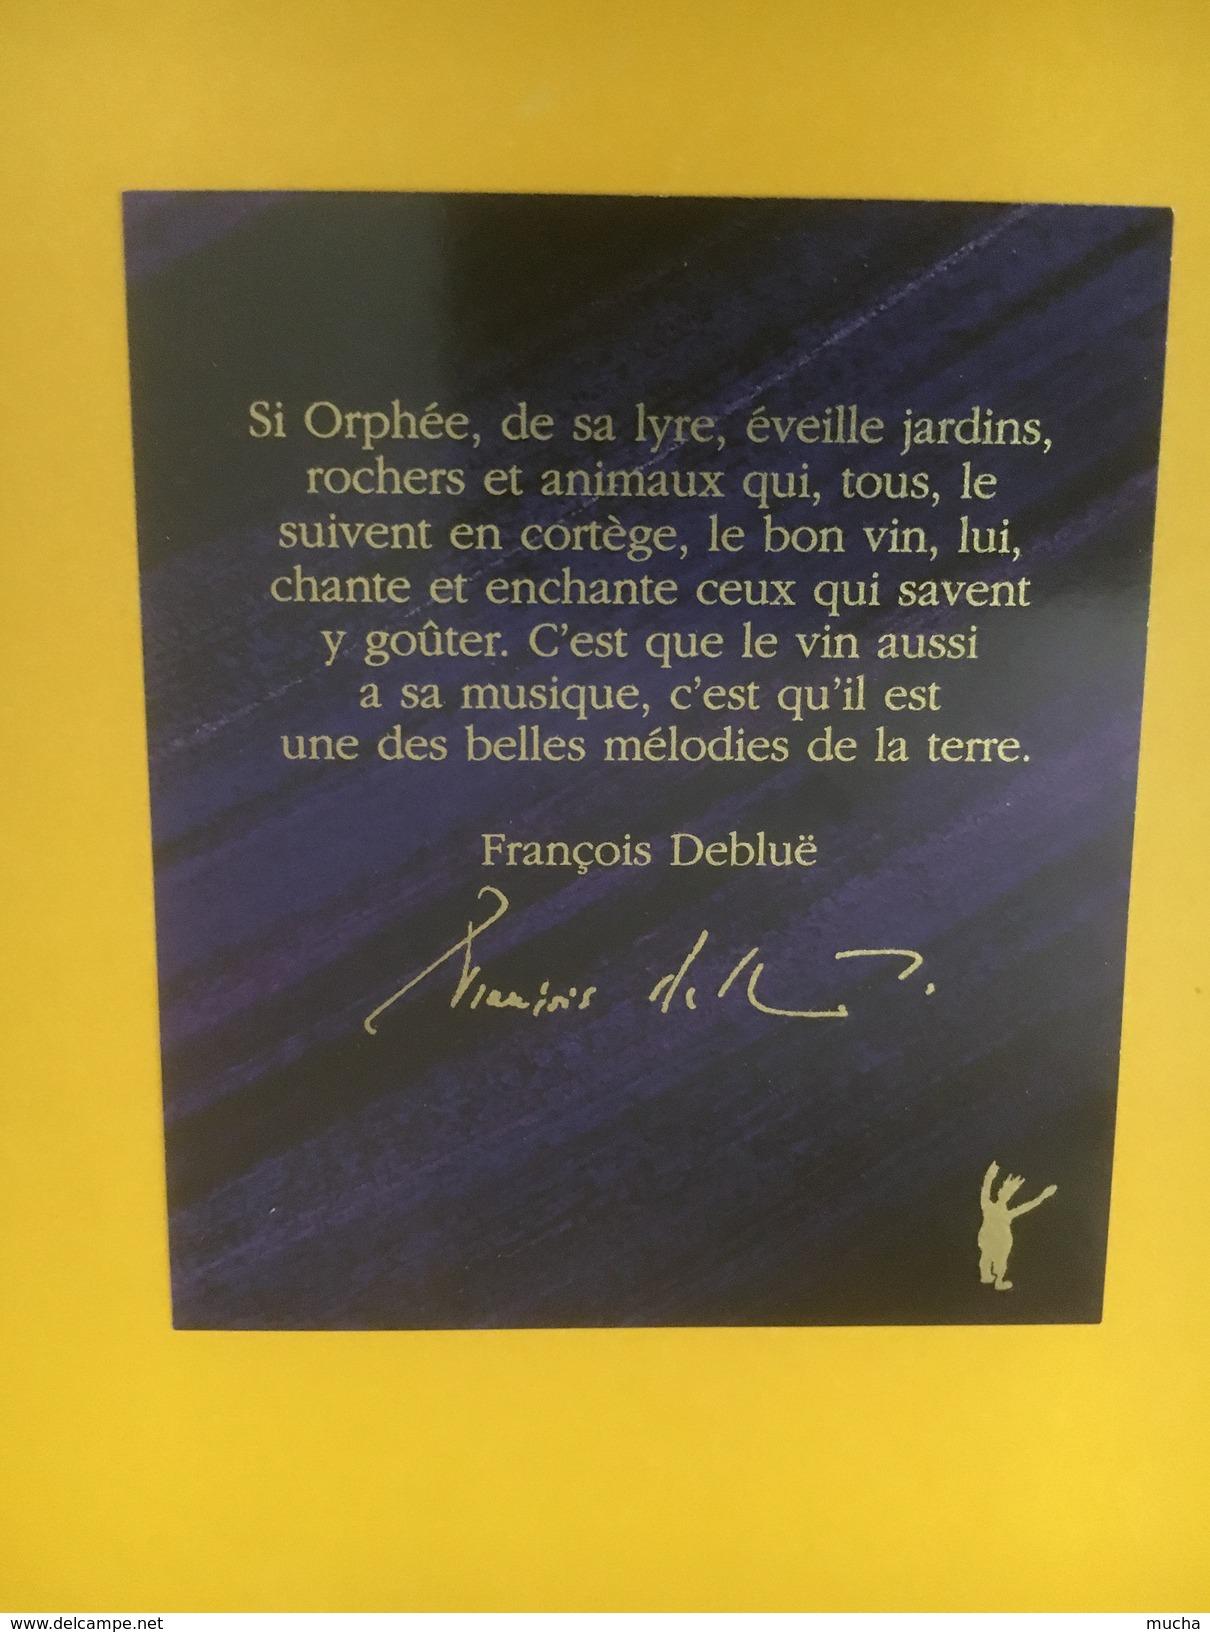 4499 - Fête Des Vignerons Vevey 1999 Le Jardin D'Orphée Lavaux Rouge Hérisson - Autres